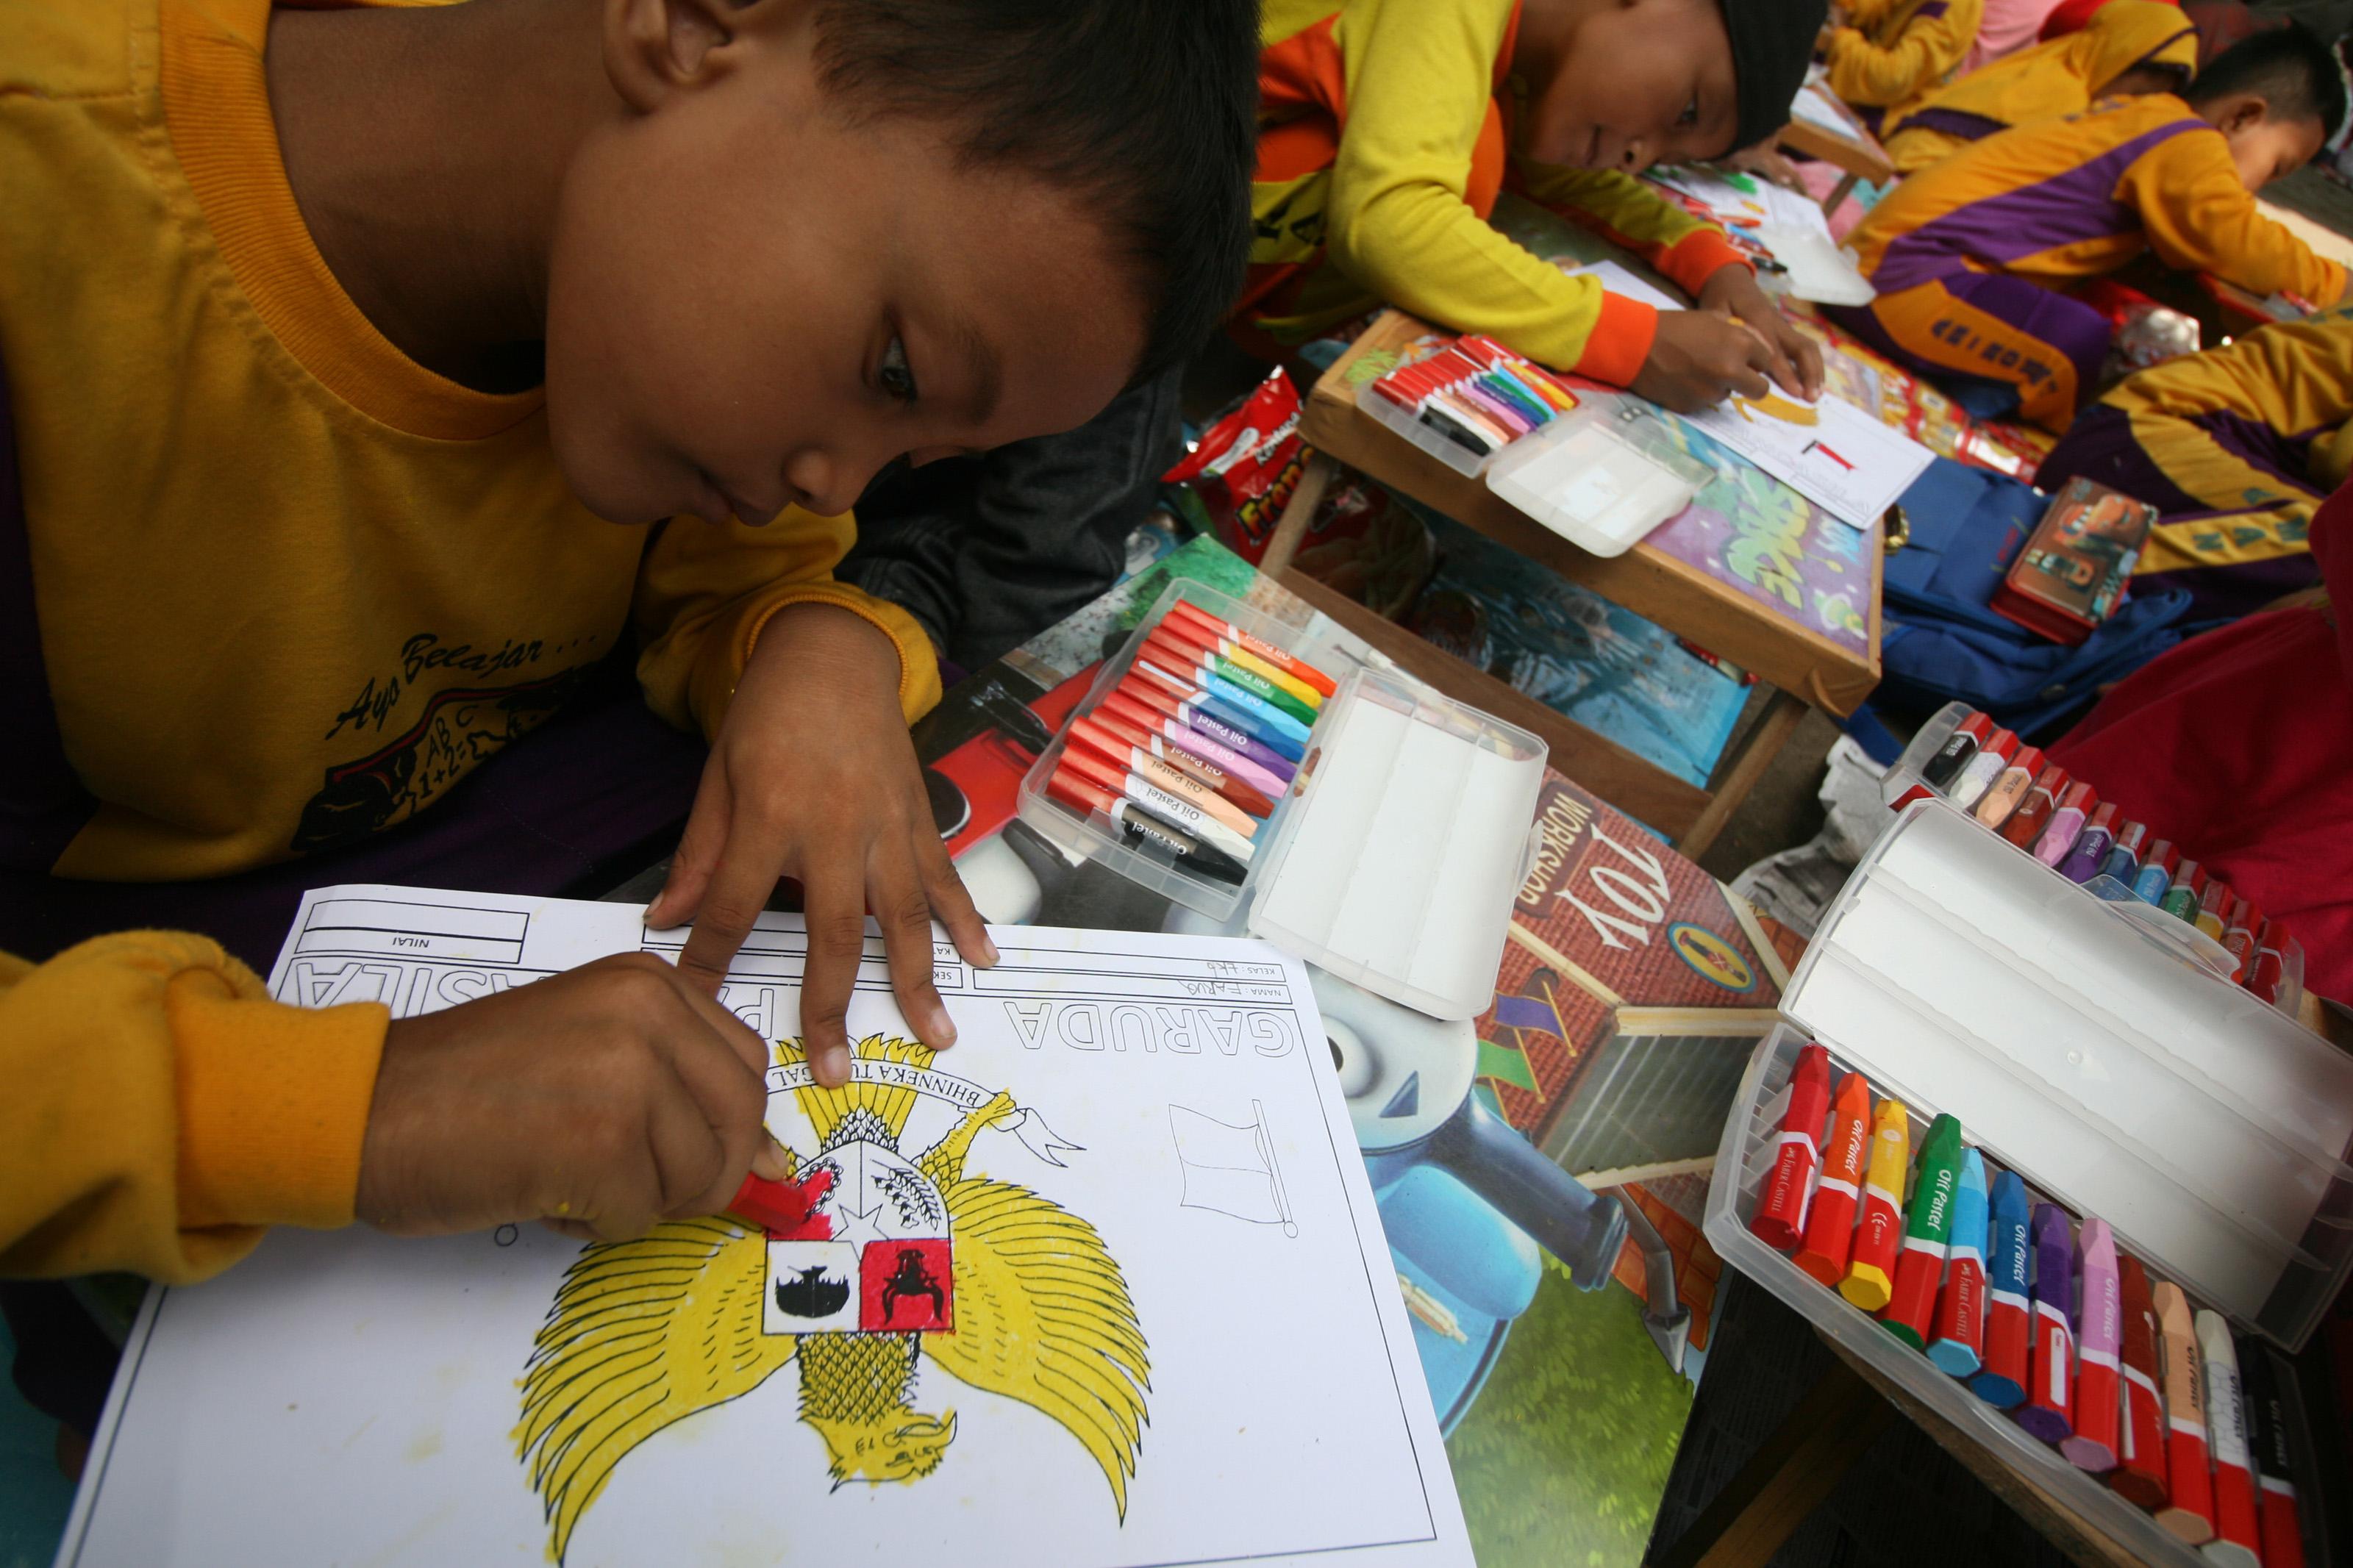 Muchdi Pr Warga Negara Manapun Ideologinya Dilecehkan Tidak Akan